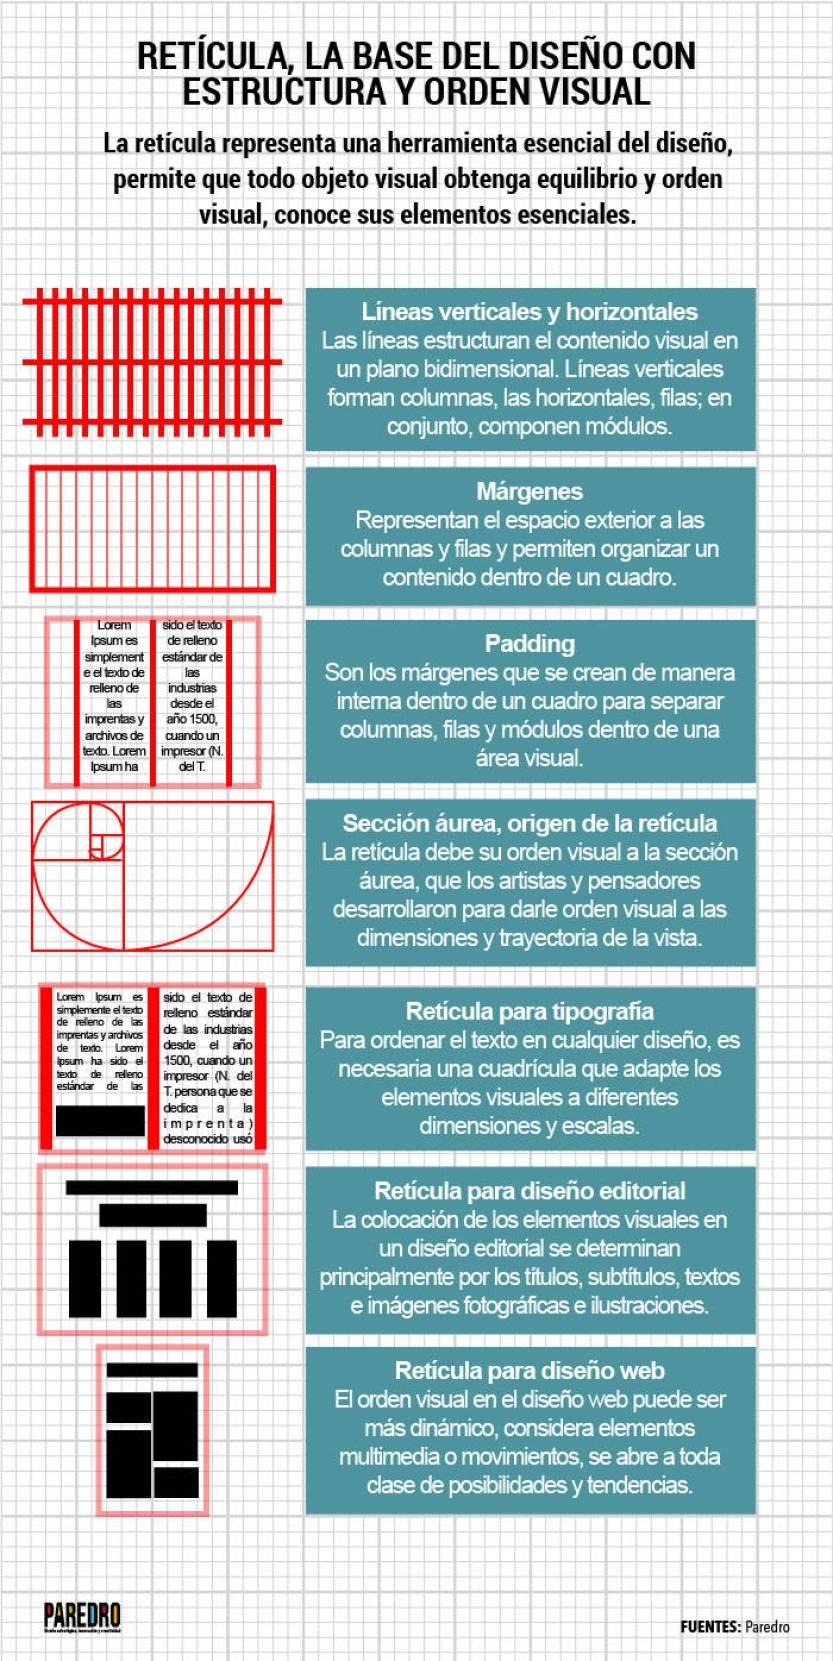 Retícula: la historia del diseño estructurado y orden visual